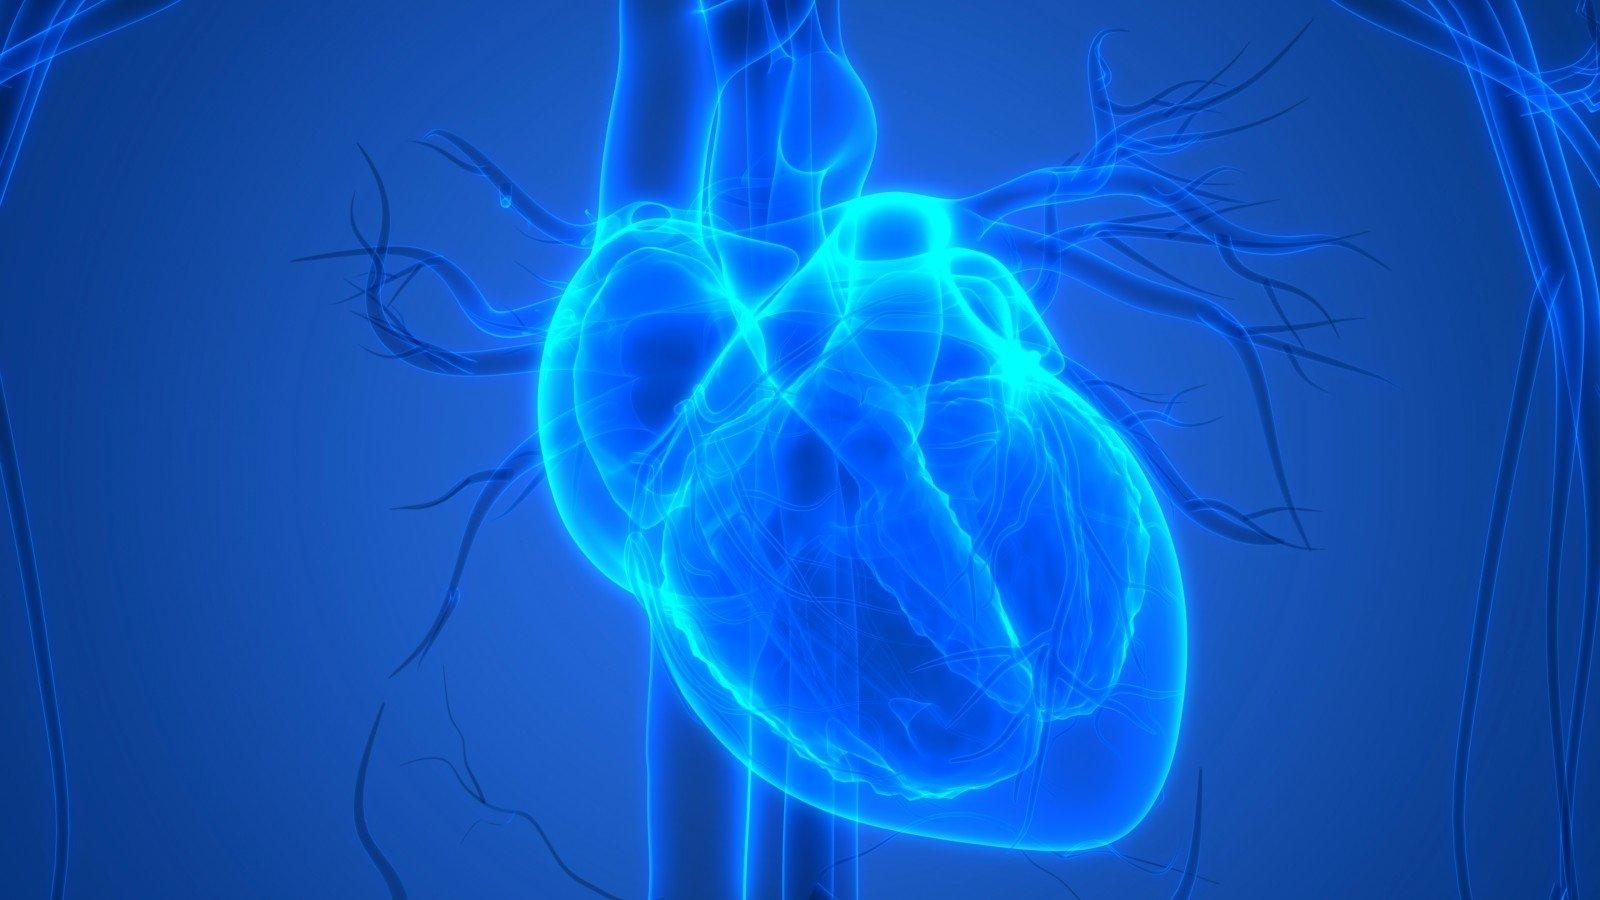 kokiu atveju yra hipertenzija hipertenzijos gydymo vieta